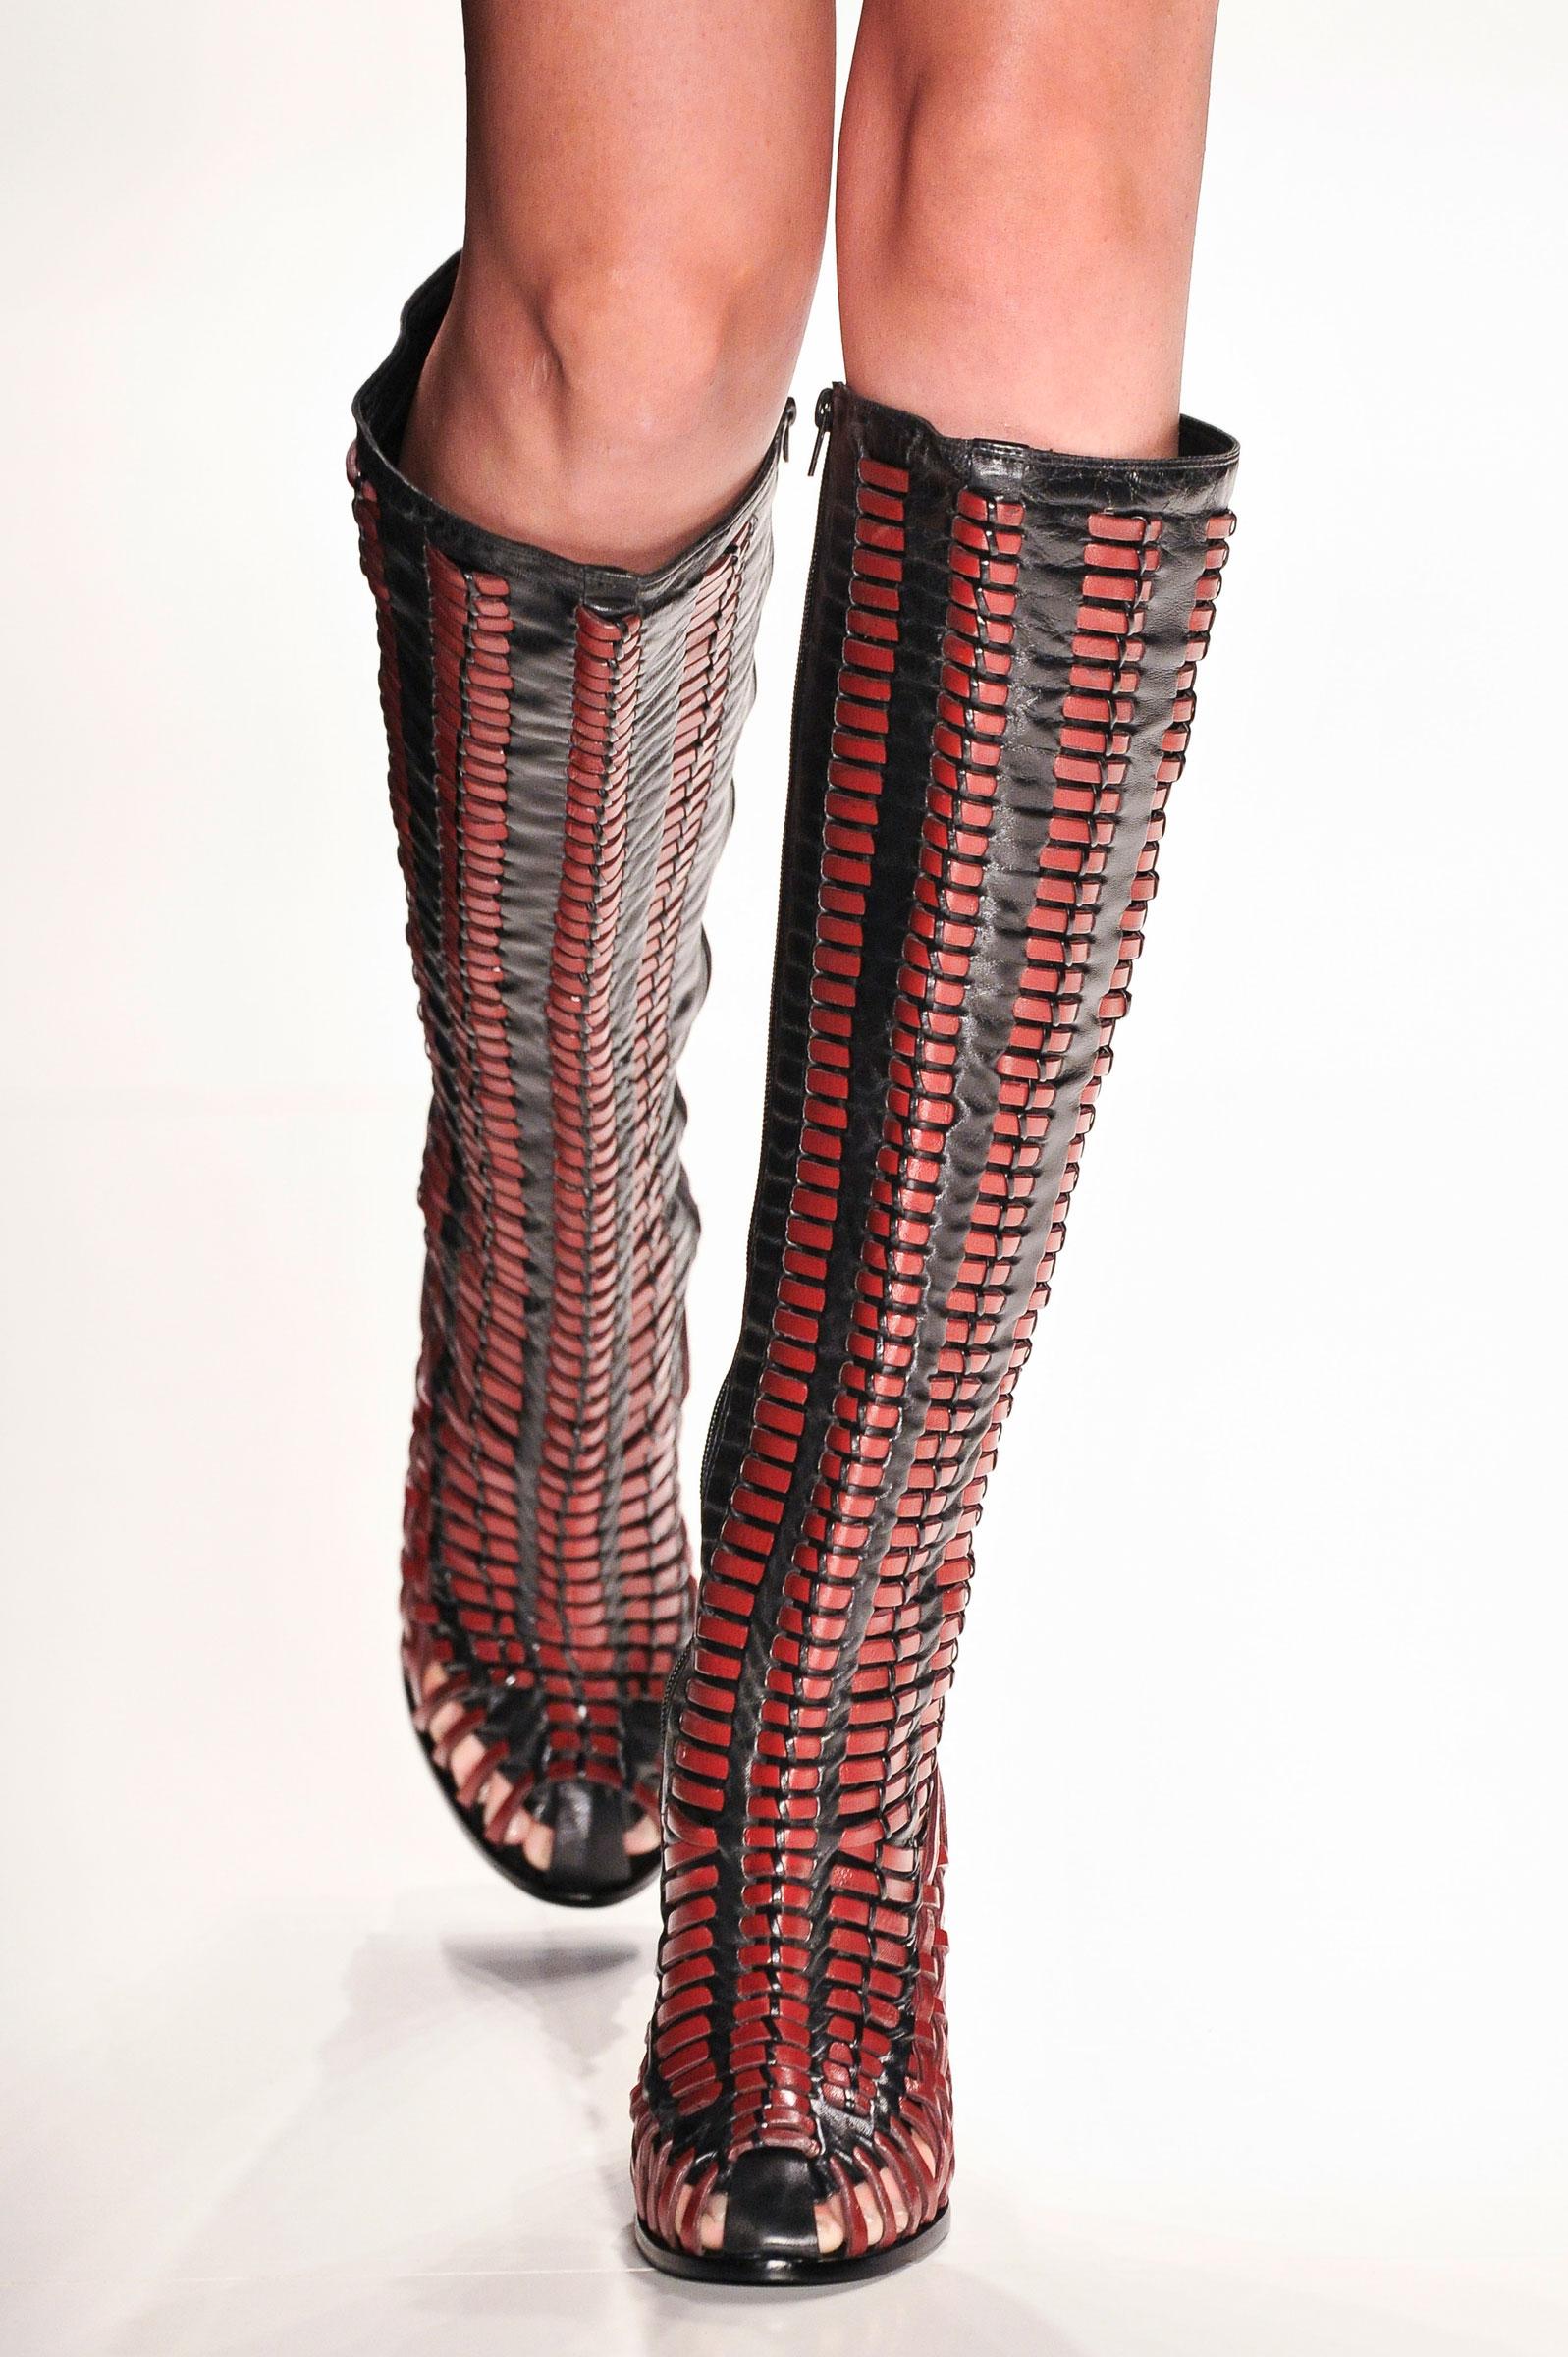 c14124349 Galeria de Fotos Acerte o passo: os melhores sapatos nas tendências mais  quentes do SPFW // Foto 7 // Notícias // FFW